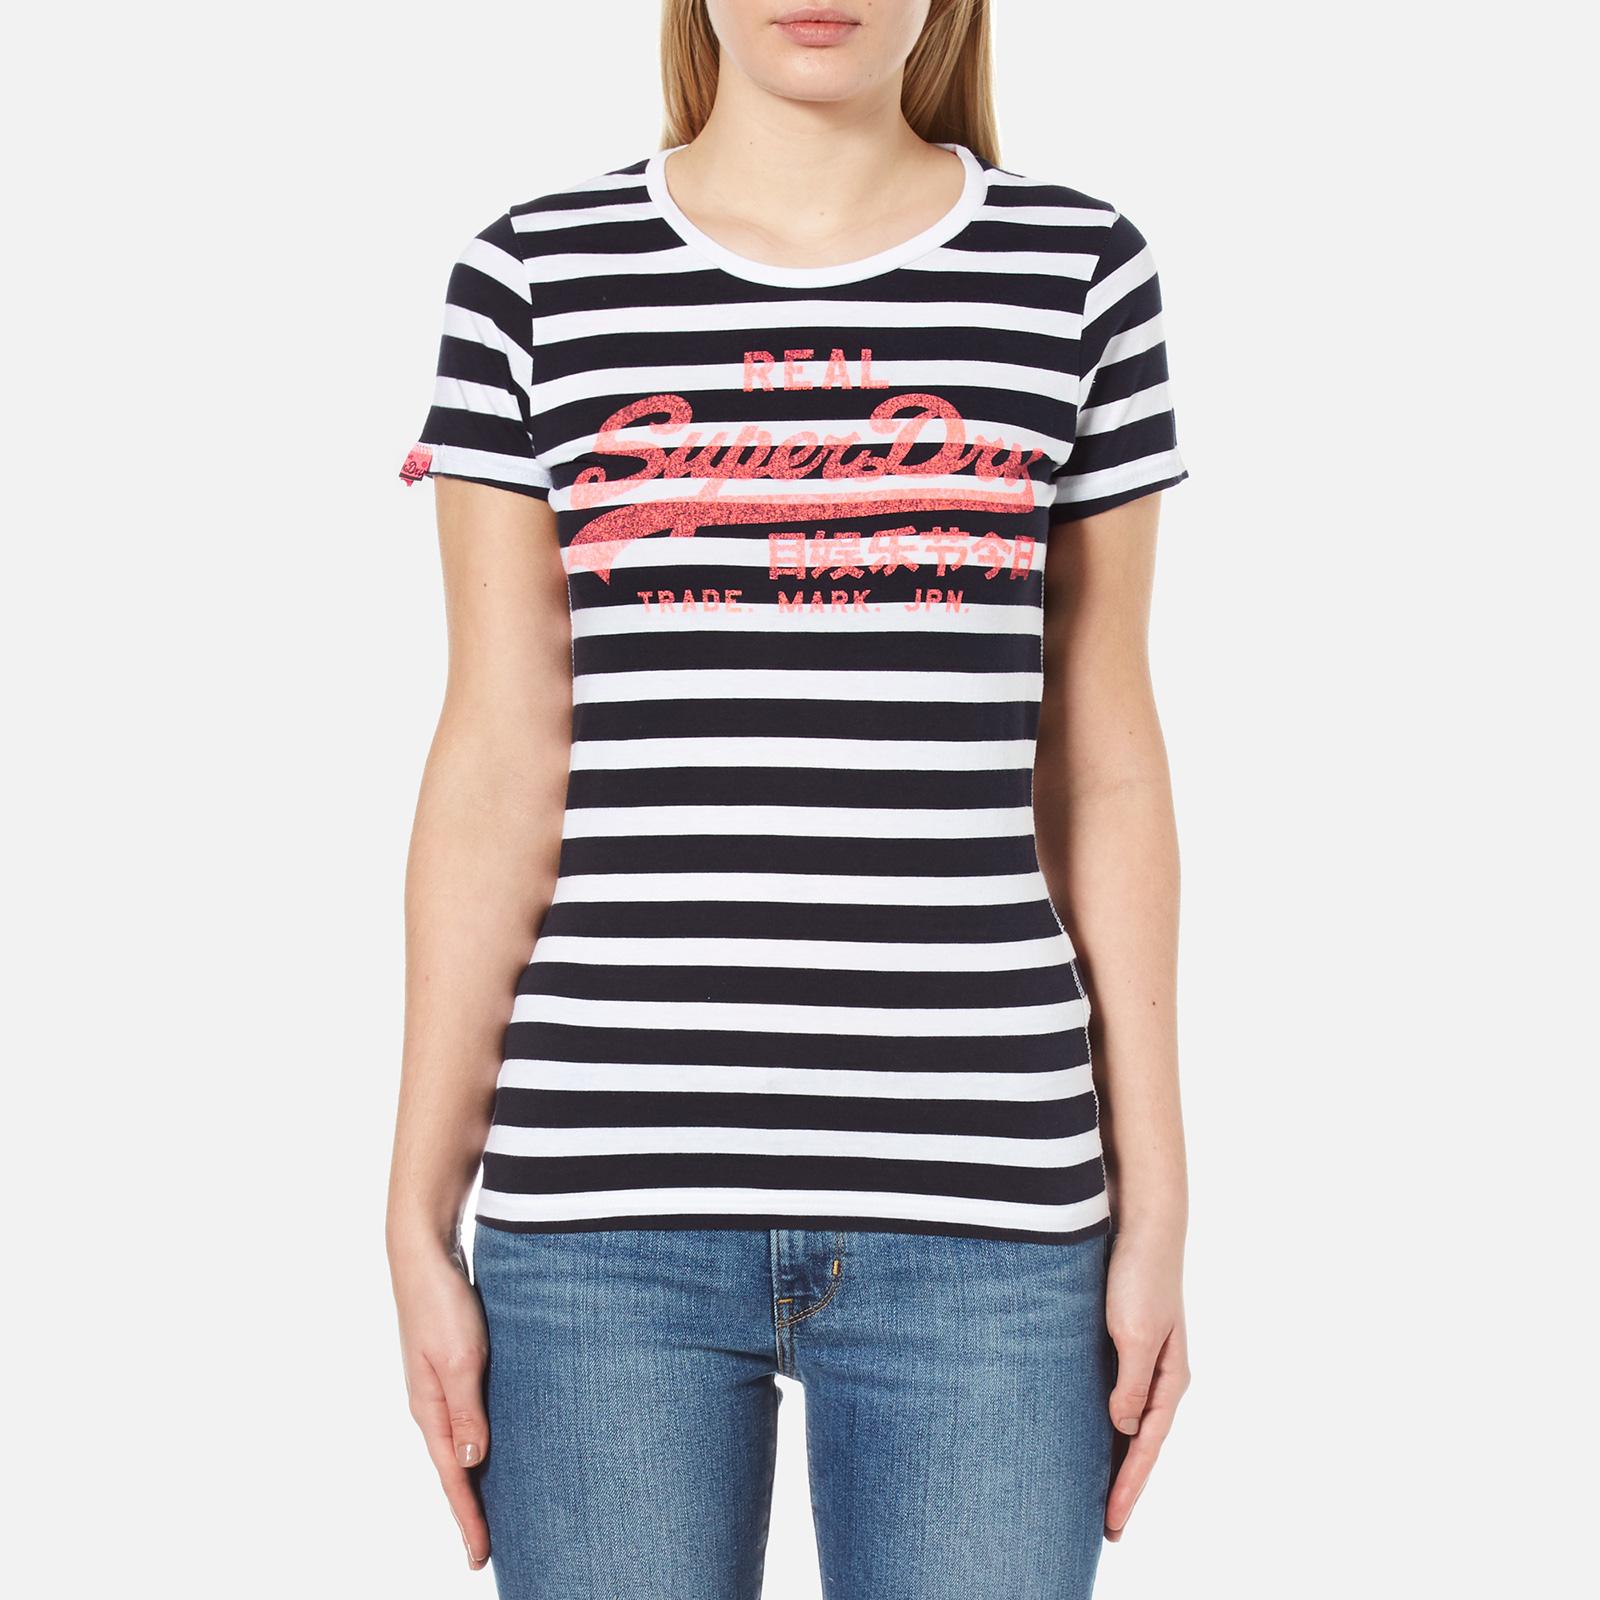 1a938975e1 Superdry Women's Vintage Logo Stripe T-Shirt - Navy Stripe Womens ...